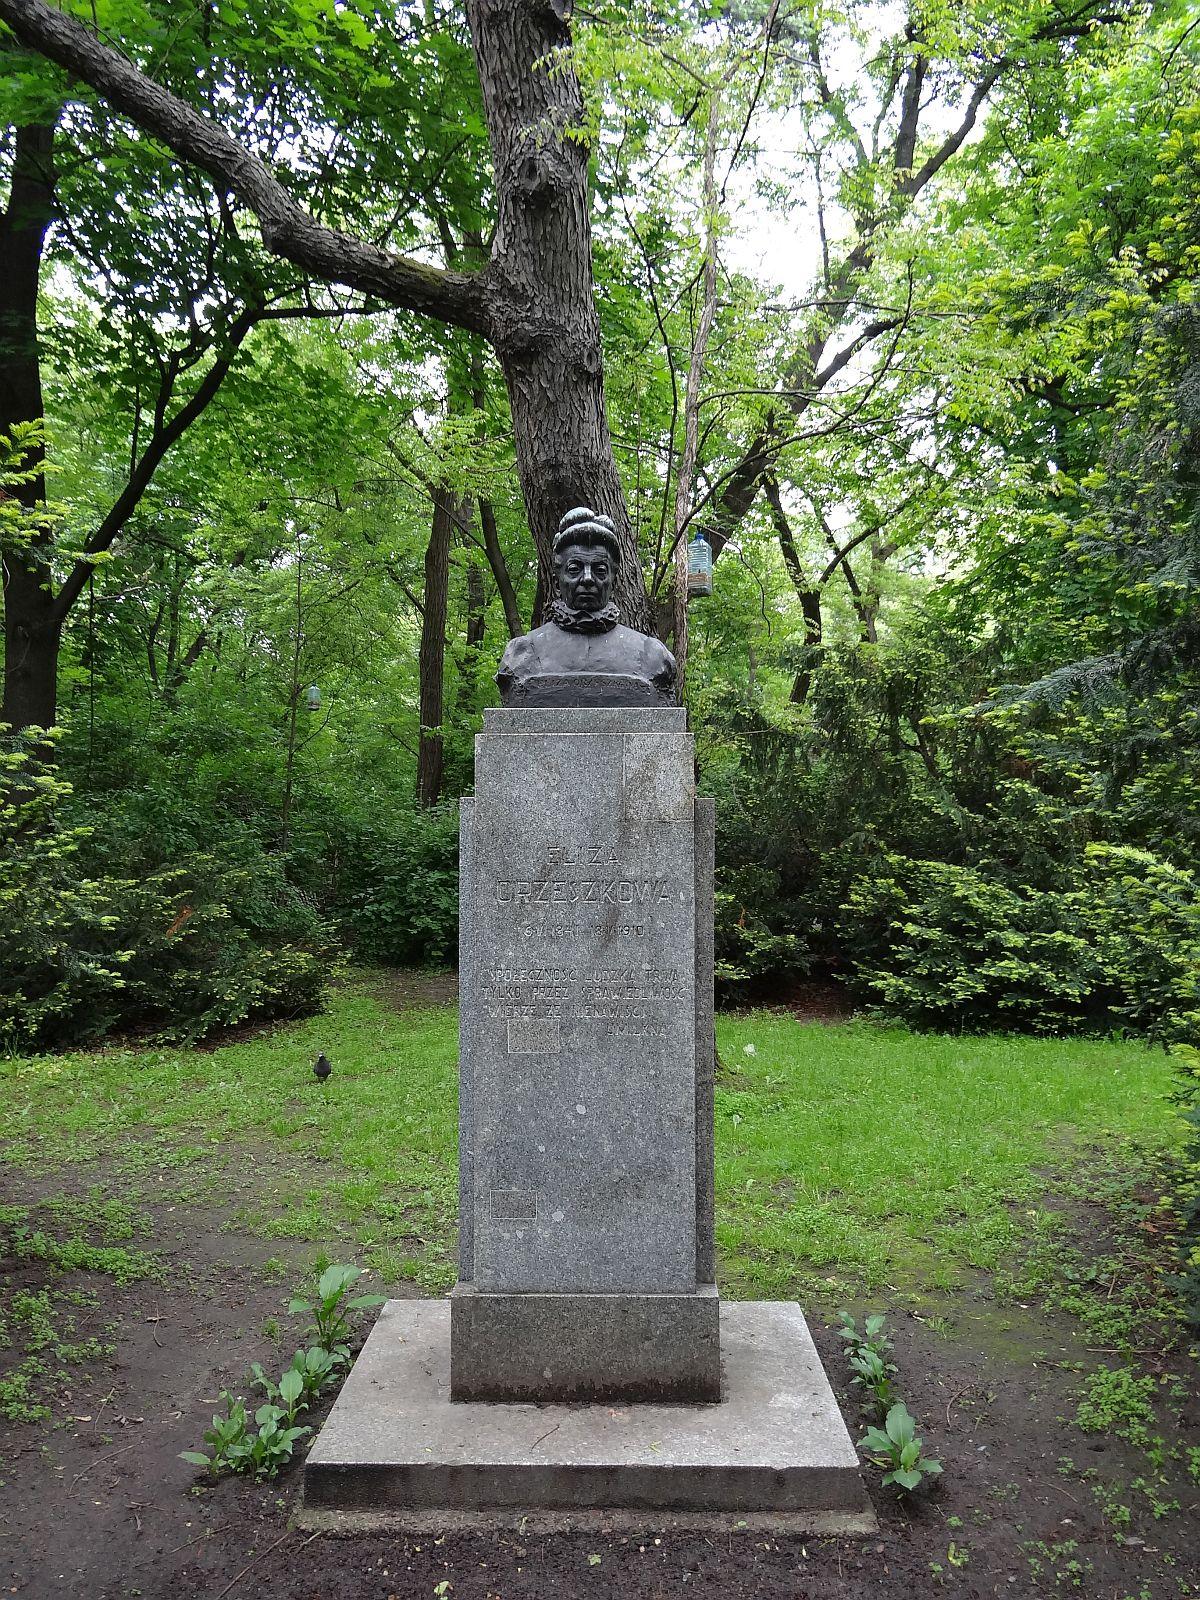 Pomnik Elizy Orzeszkowej w Warszawie w Parku Praskim